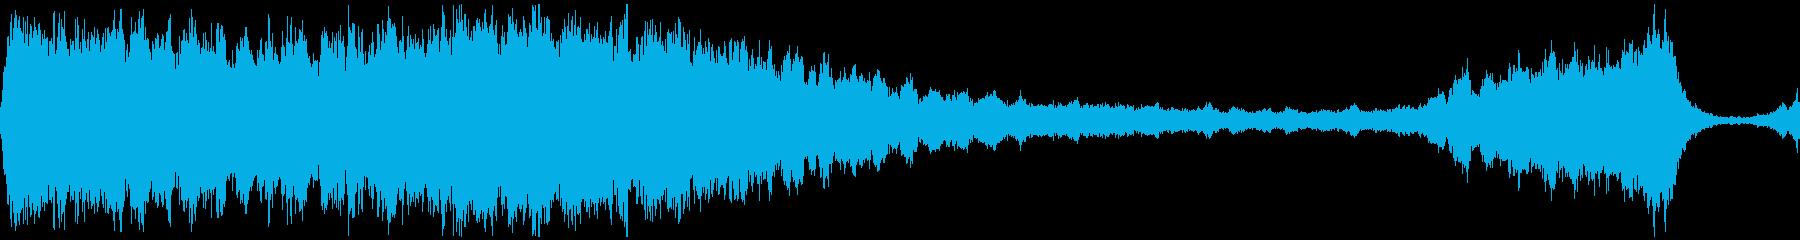 D/つらい儚い弦楽のBGM 映像制作向けの再生済みの波形